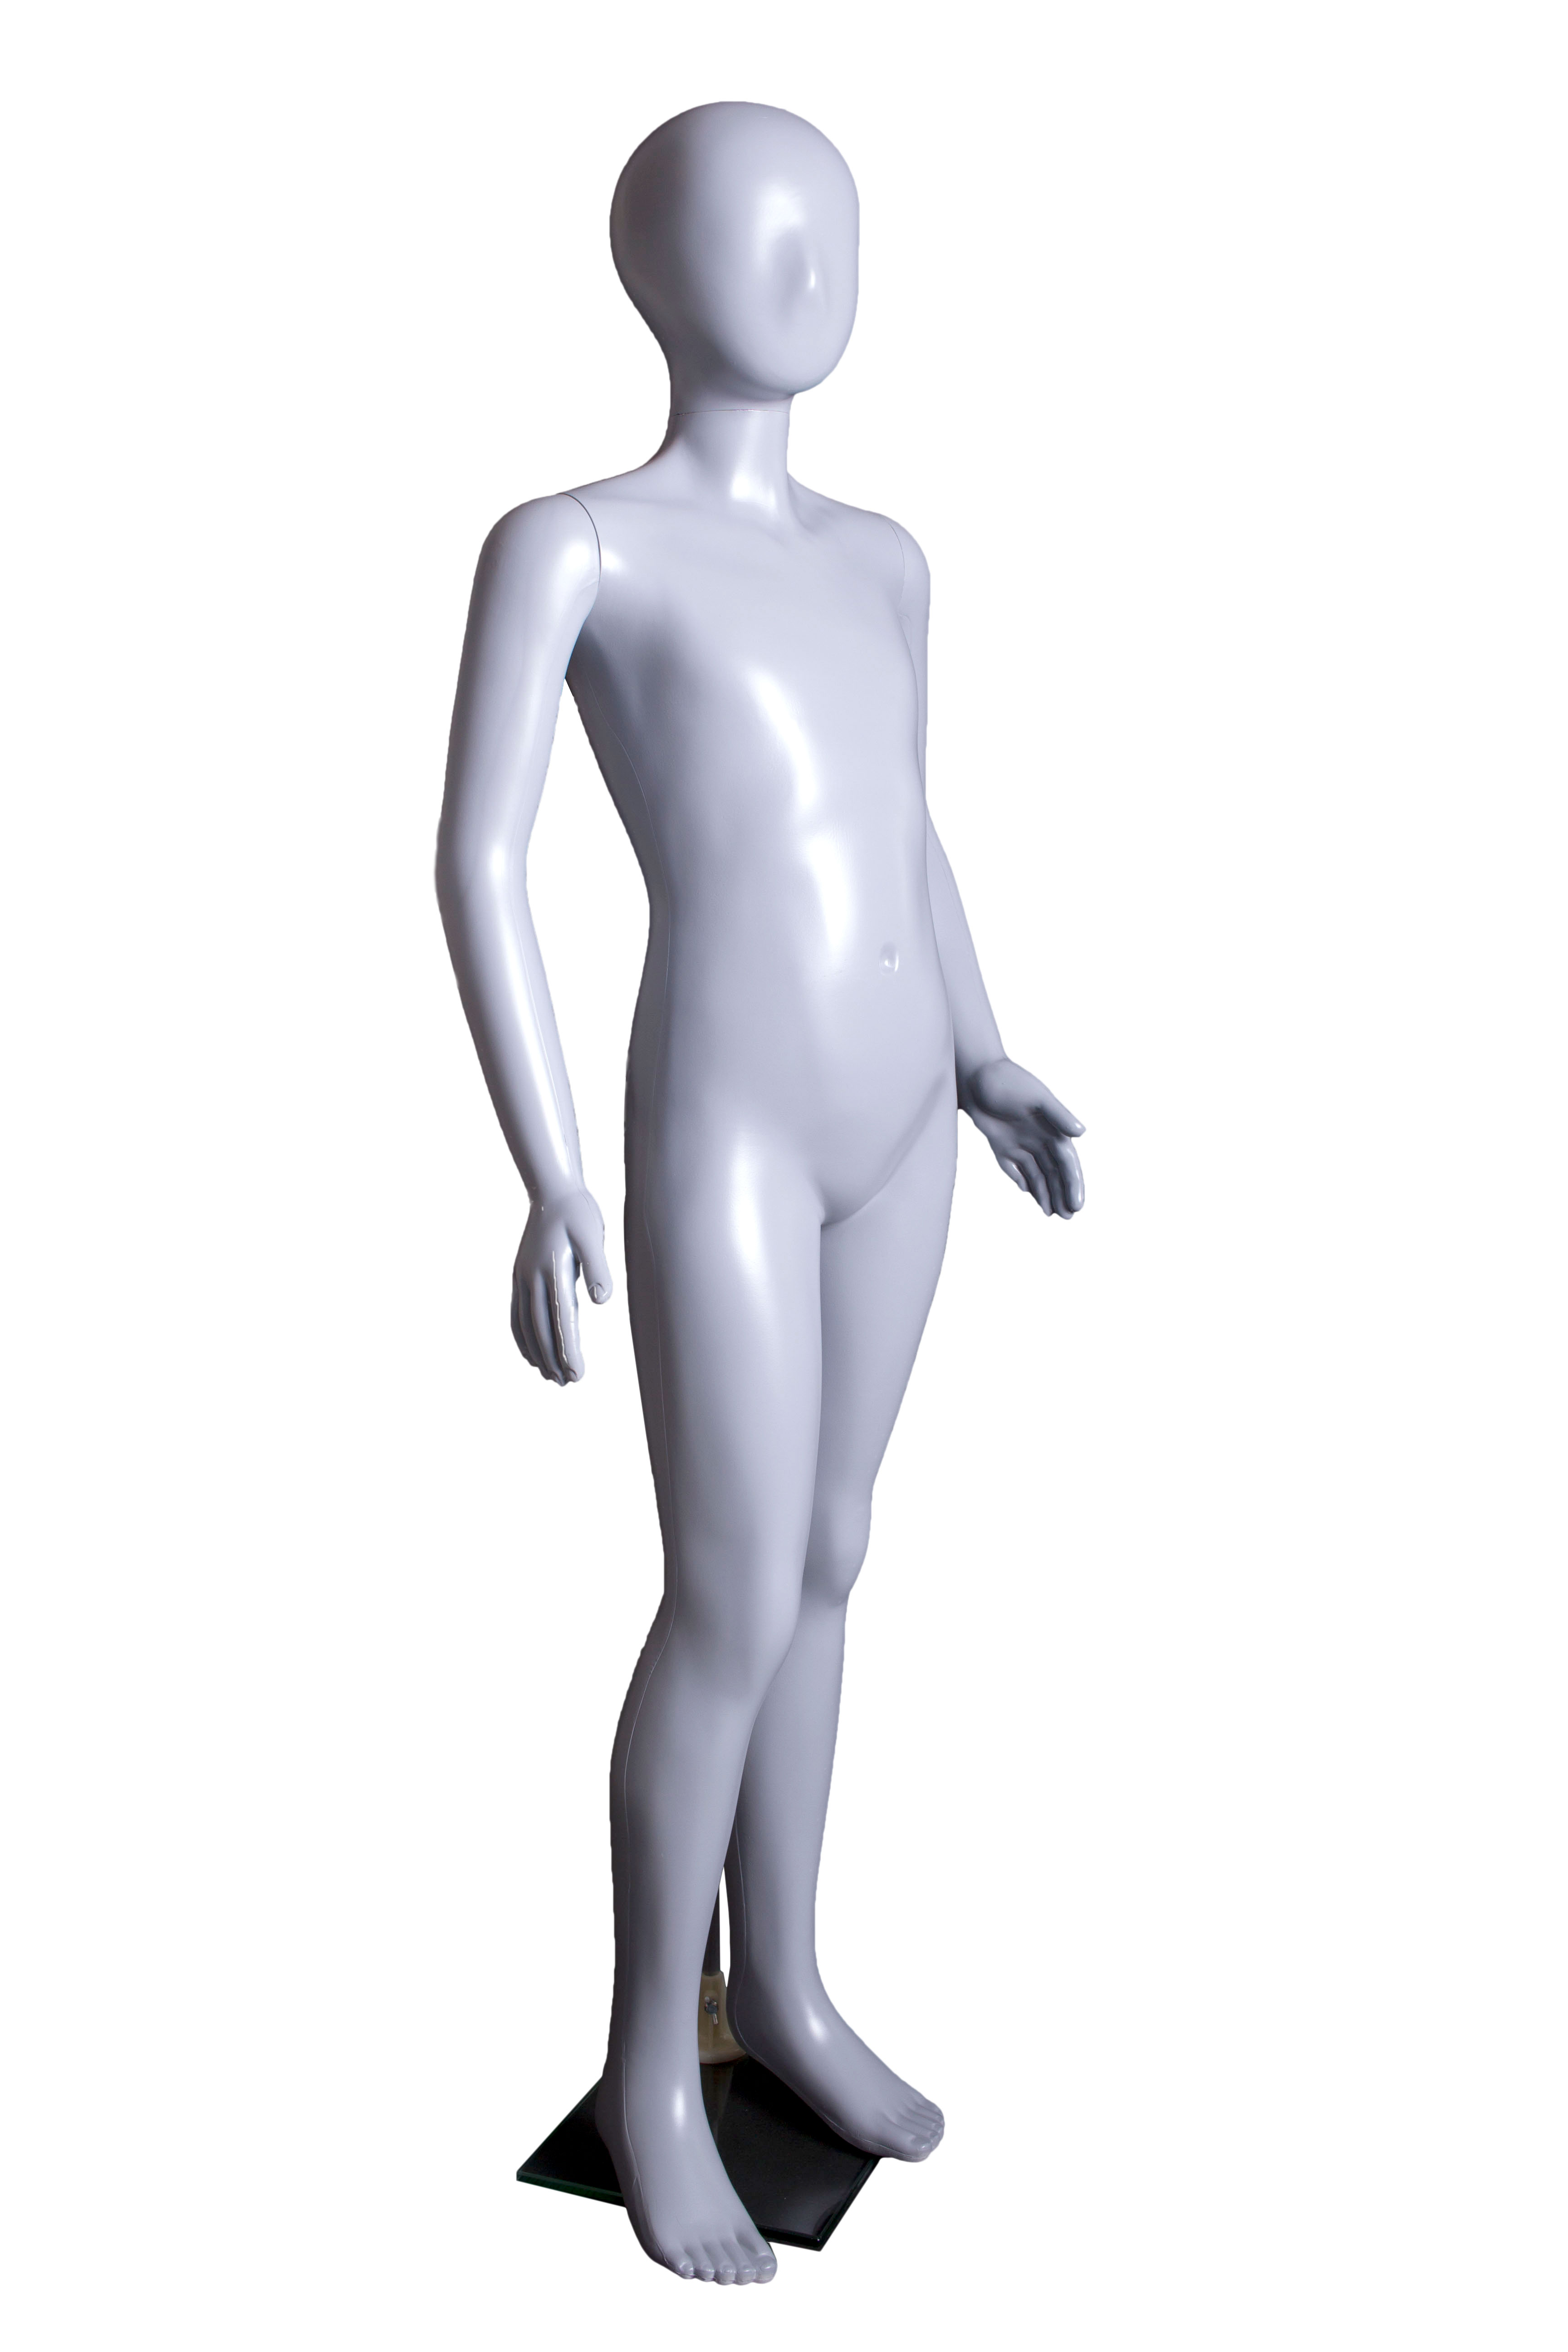 3c7b01ed248 Dětská figurína 140cm mat